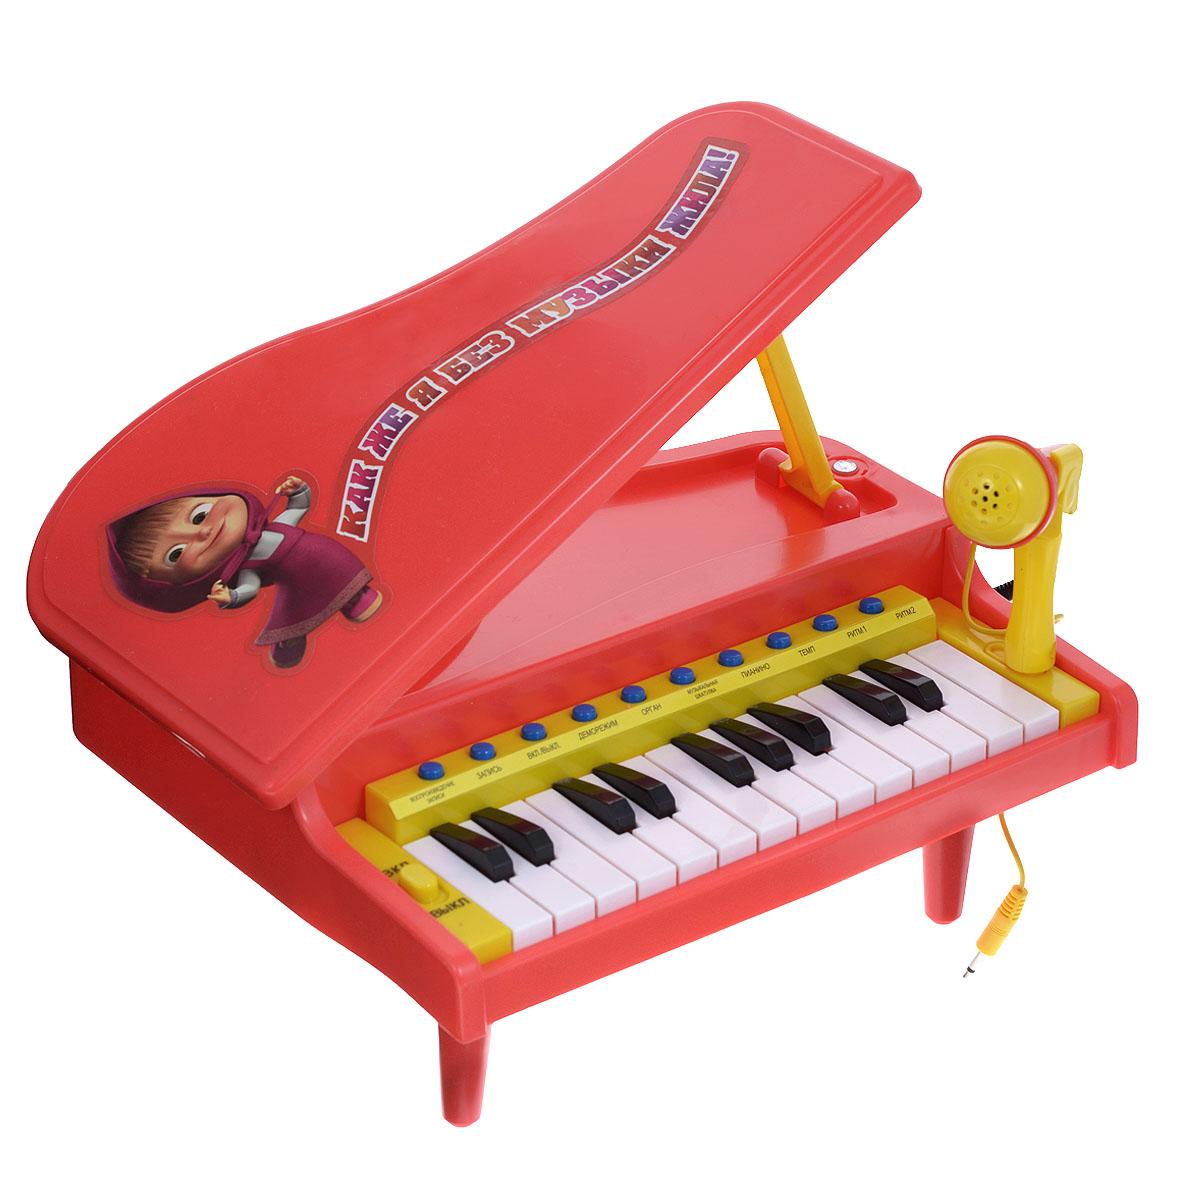 Играем вместе Электропианино Маша и Медведь цвет красныйB290220-R2Музыкальная игрушка Играем вместе Маша и Медведь: Электропианино непременно понравится вашему маленькому музыканту и не позволит ему скучать. Она выполнена из прочного пластика и оснащена красочными световыми и звуковыми эффектами. Игрушка оснащена удобной ручкой для переноски. В комплект также входит микрофон со стойкой, которые без труда помещаются в специальном контейнере под крышкой пианино. Игрушка оснащена настоящими клавишами, каждый из которых играет свою ноту, благодаря чему малыш сможет сочинить и сыграть свою мелодию, а с помощью функции записи и воспроизведения он сможет запечатлеть свои шедевры. Над клавиатурой расположены кнопки орган, музыкальная шкатулка и пианино - нажмите их, и клавиши изменят свое звучание! Пианино имеет 2 встроенных ритма и возможность регулировать темп воспроизведения. Также игрушка может порадовать малыша 3 песенками из мультфильма Маша и Медведь. Играя с такой игрушкой, ребенок сможет развить цветовое восприятие,...